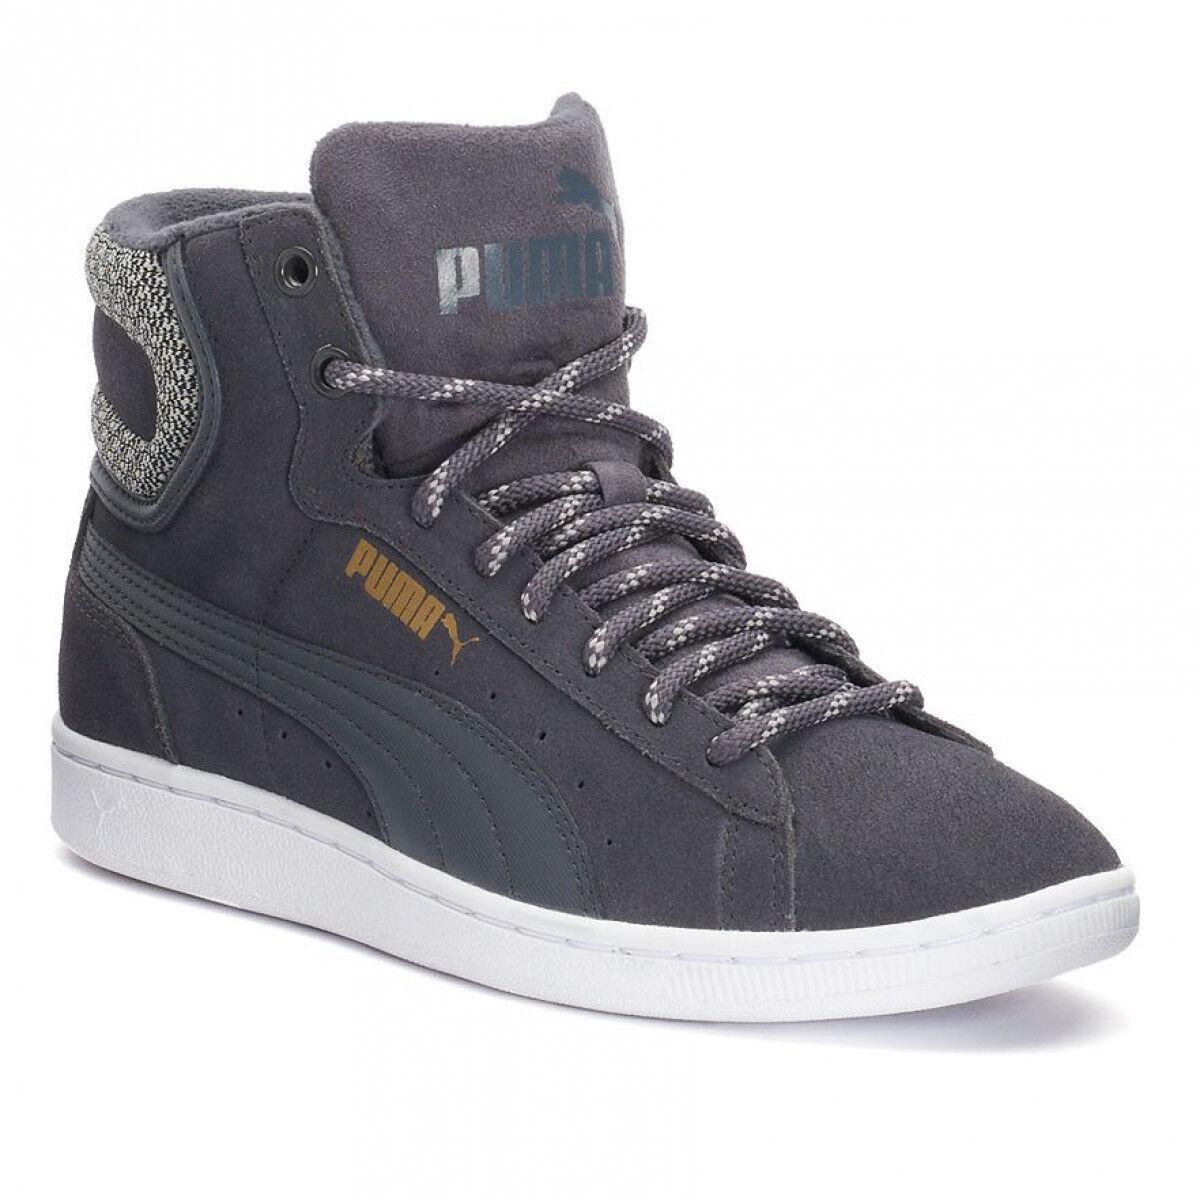 zapatos mujer Puma Vikky Mid Twill Sfoam 362629 01 gris zapatillas Alta Nuovo